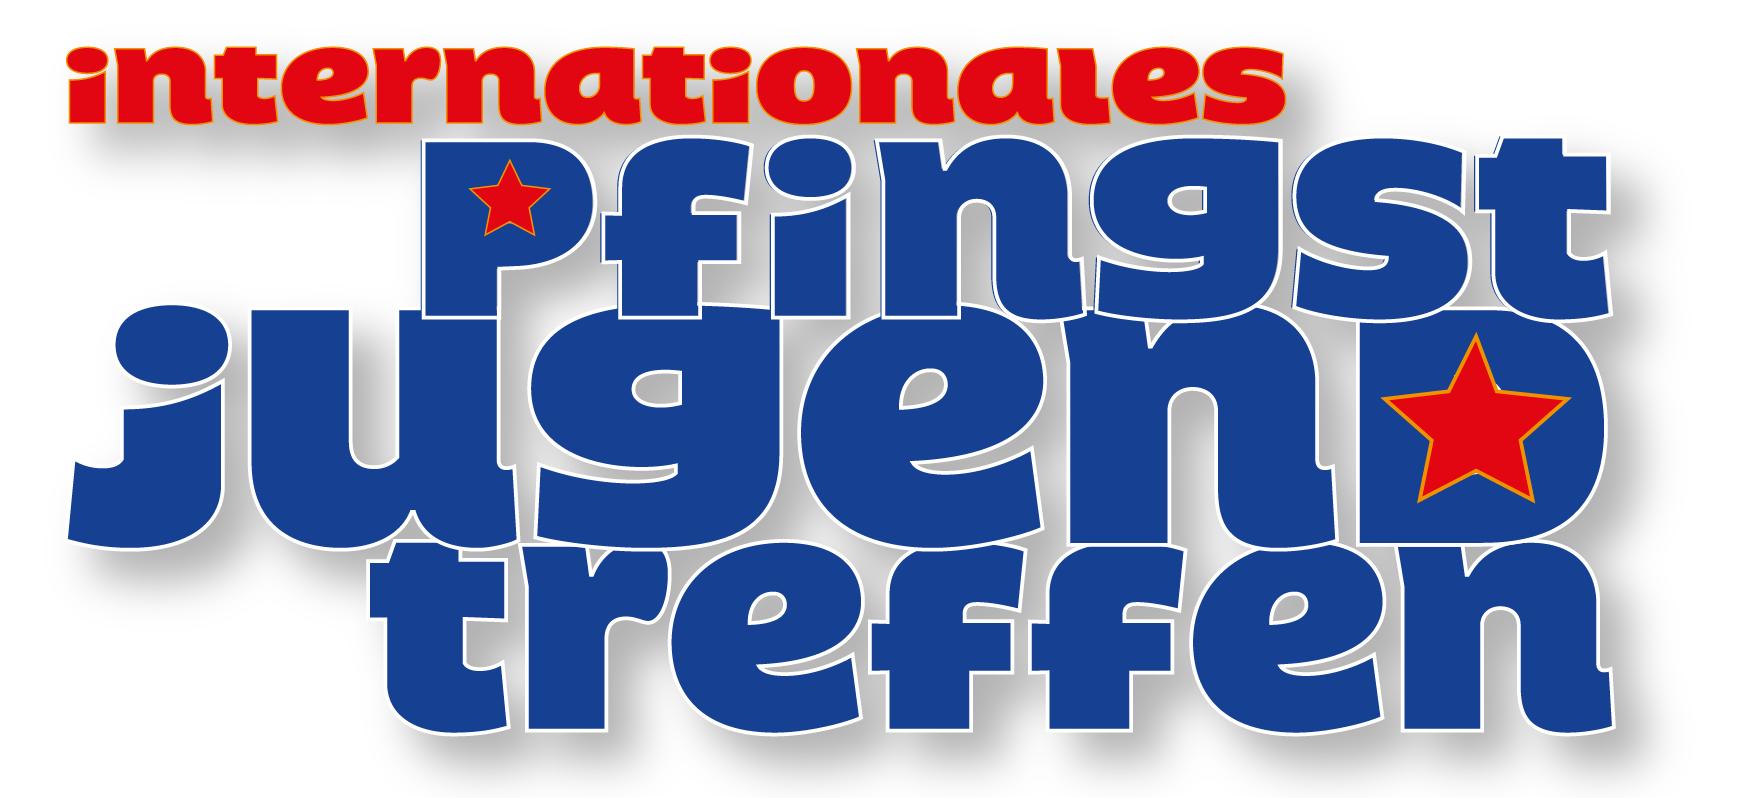 cropped-pjt-sc-logo-2.png